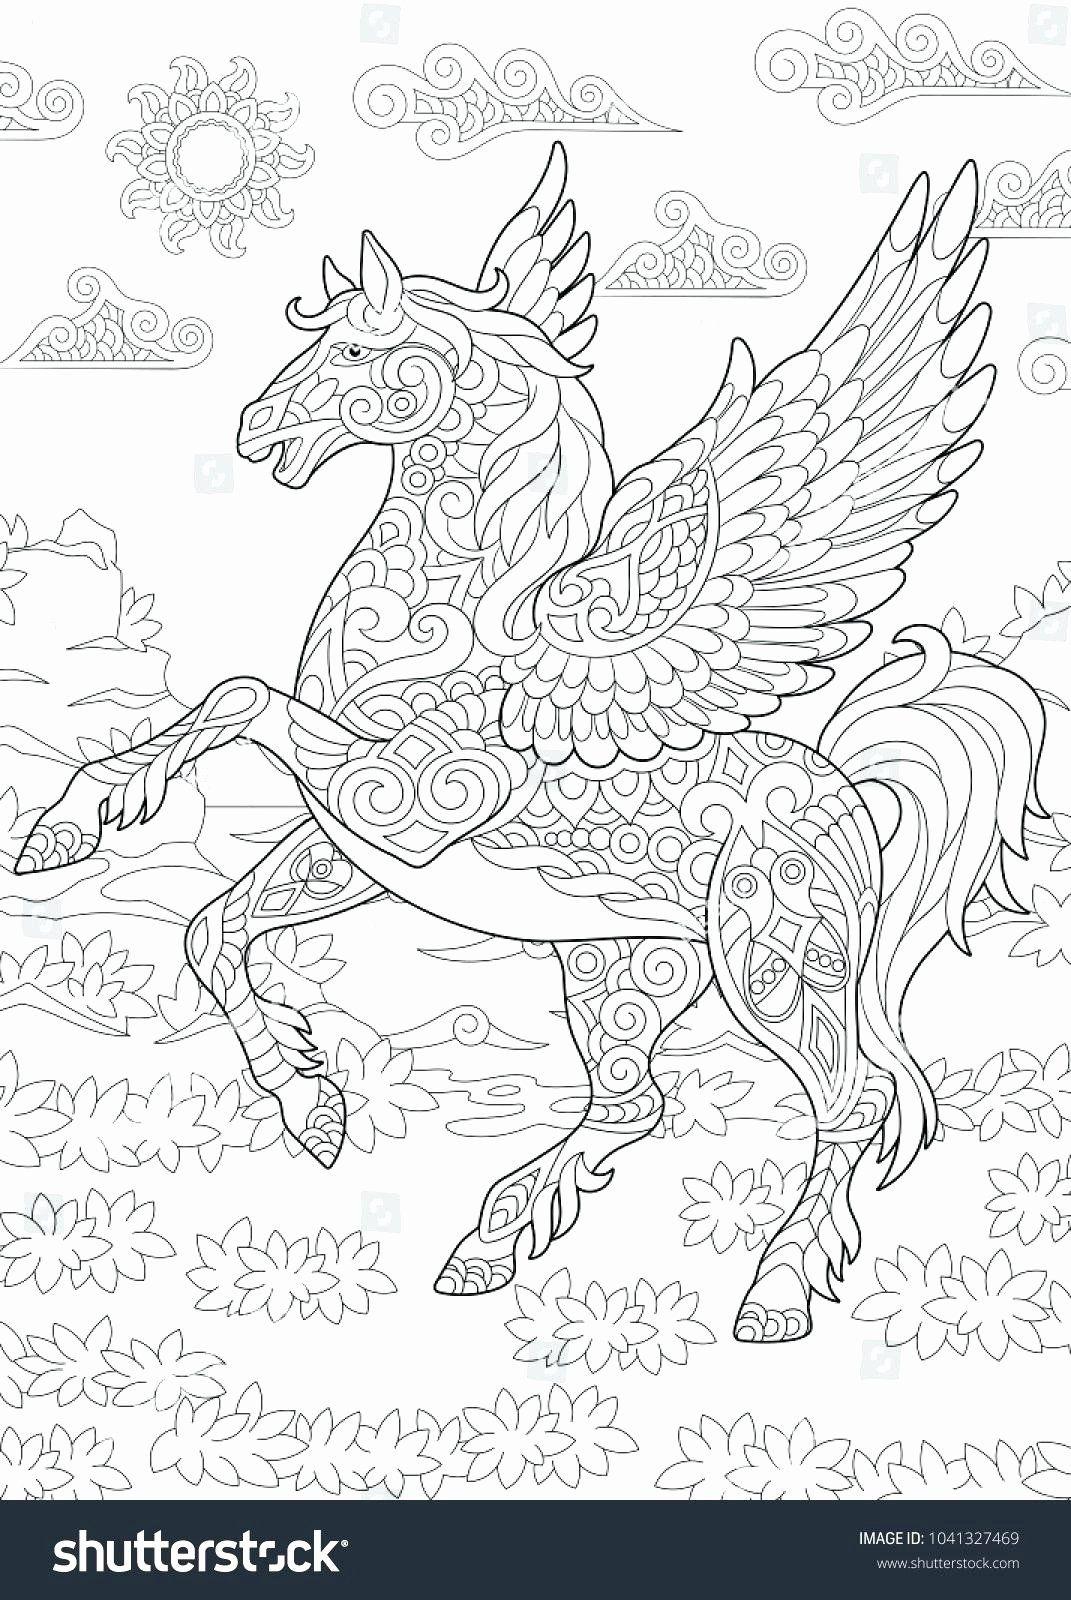 Pin On Pegasus